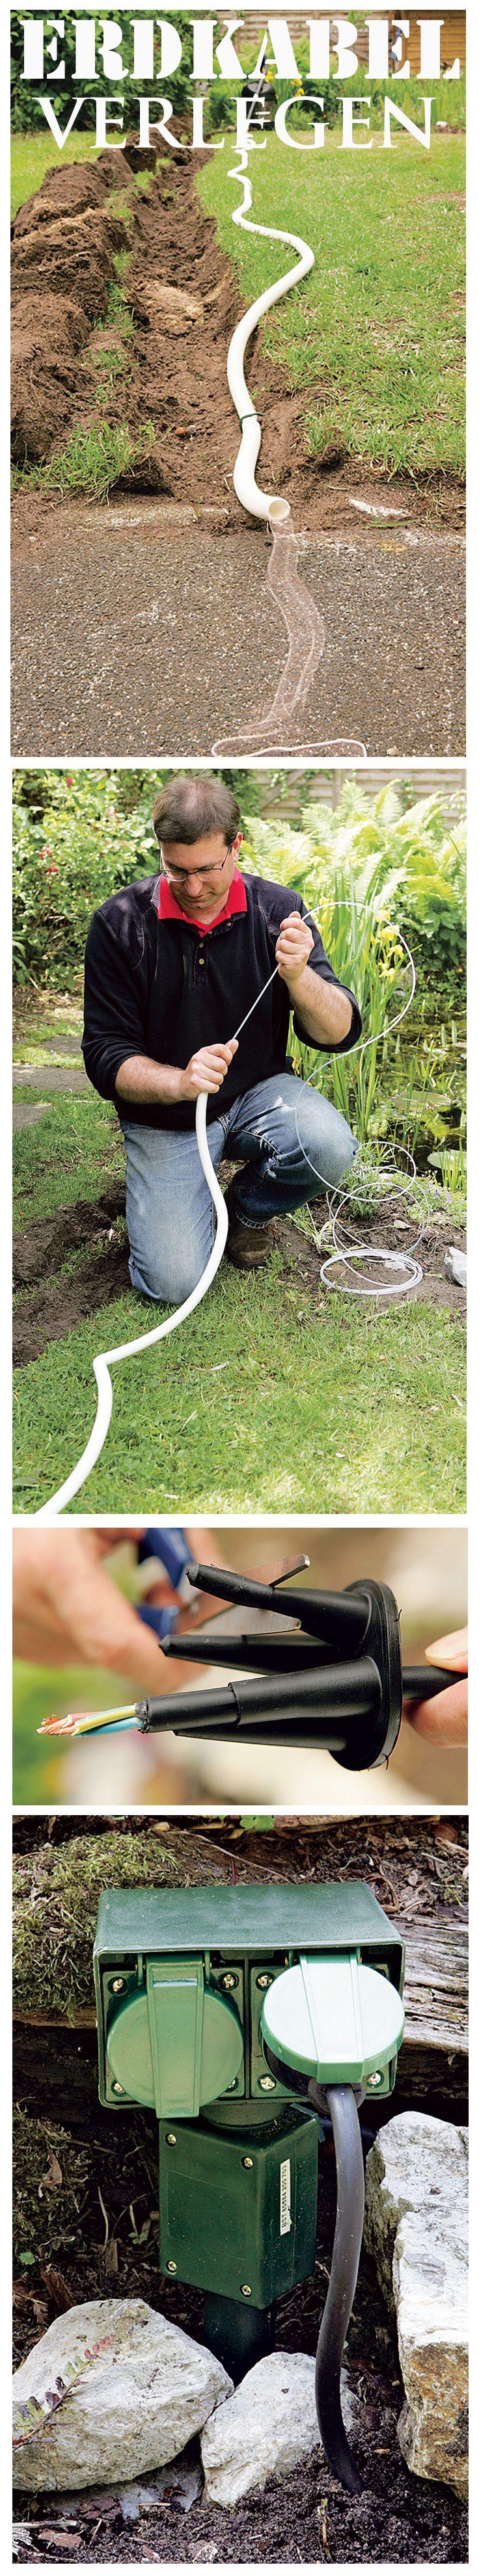 Wer im Garten viel mit Elektrogeräten arbeitet, benötigt einen Stromanschluss. Diesen kann man als Erdkabel verlegen. Wir zeigen, wie man den Stromanschluss im Garten legt.